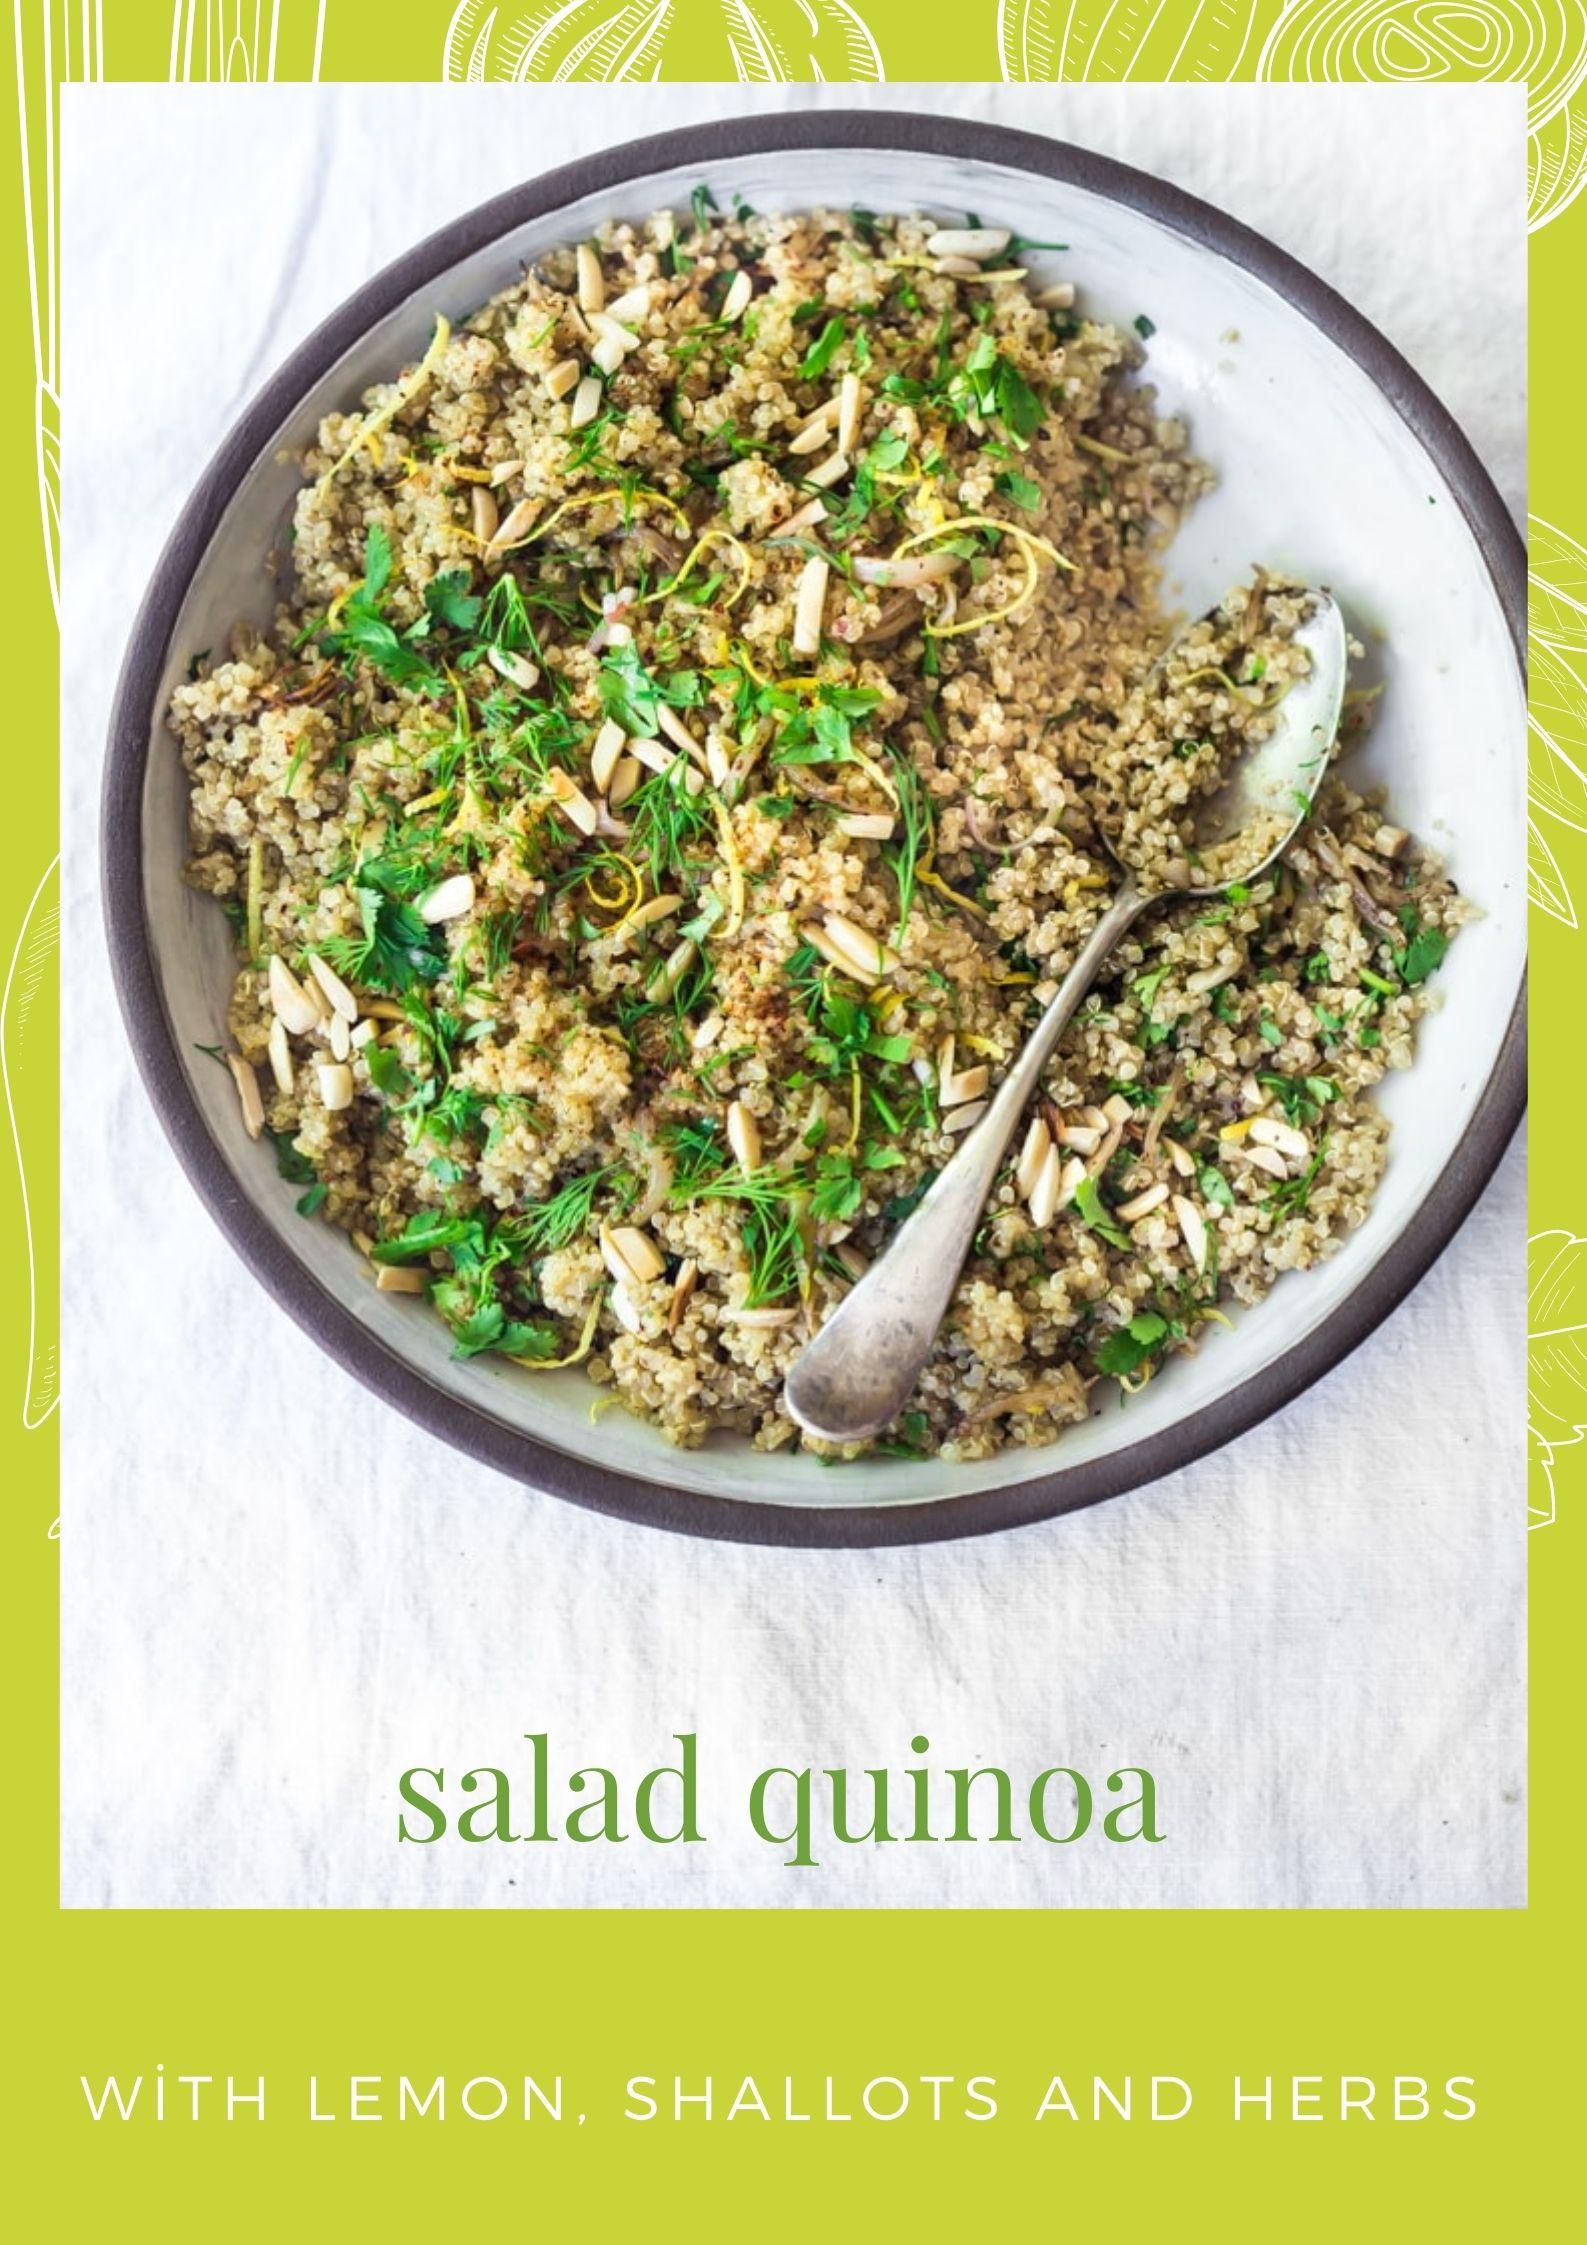 salad quinoa